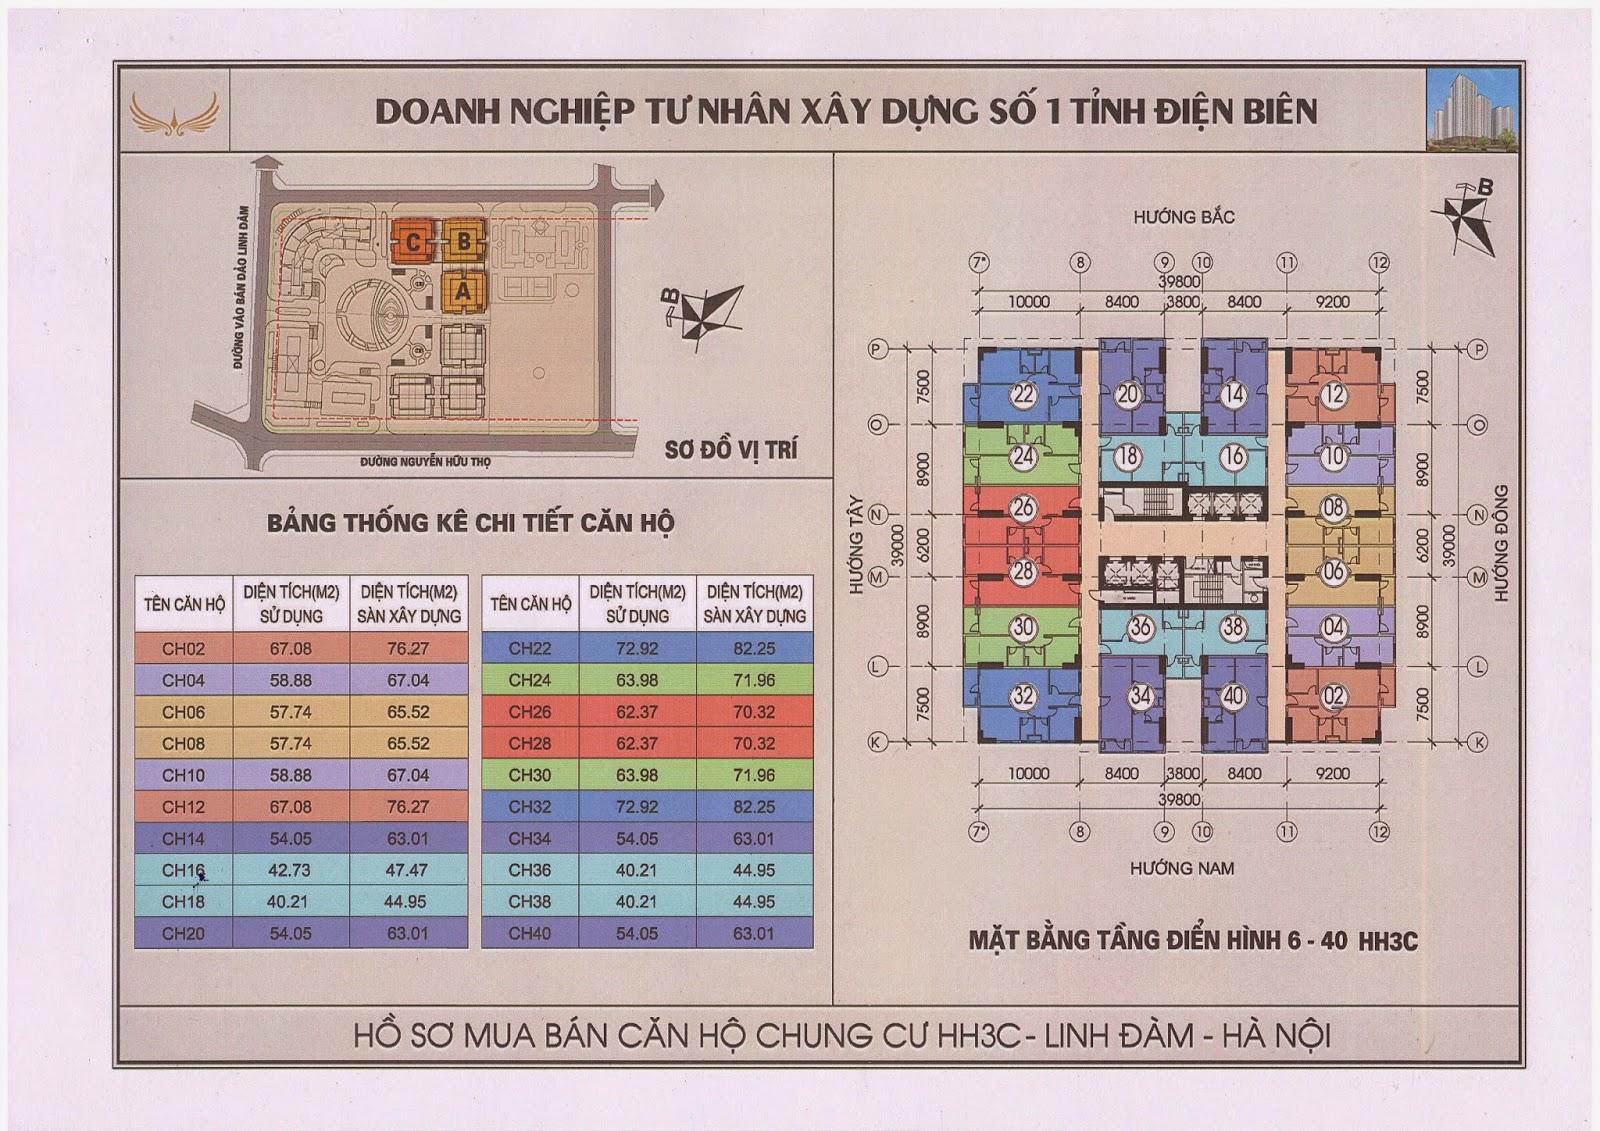 Mặt bằng tầng 6-40 chung cư hh3c linh đàm